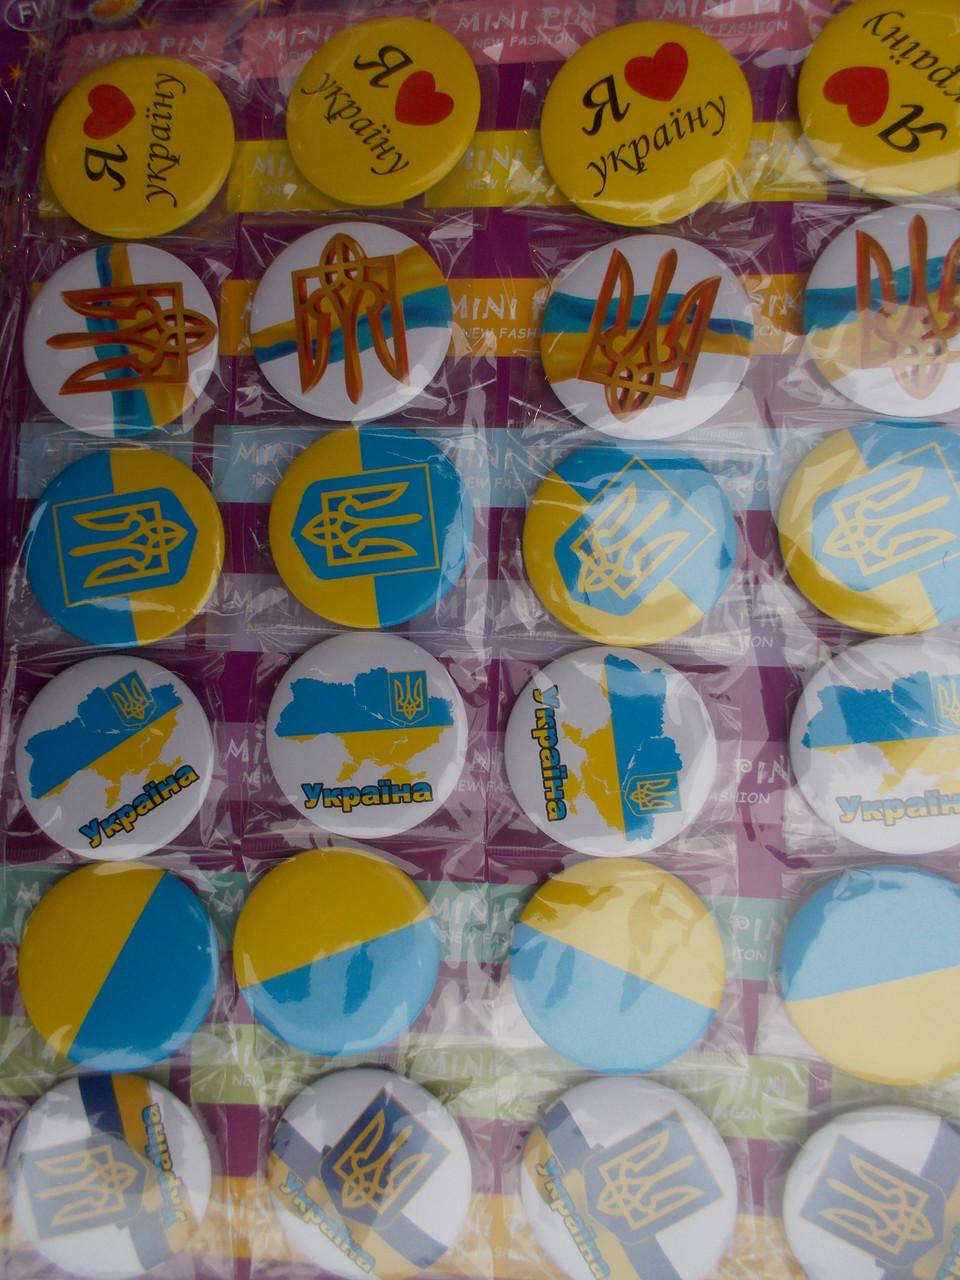 Значки Украины в ассортименте